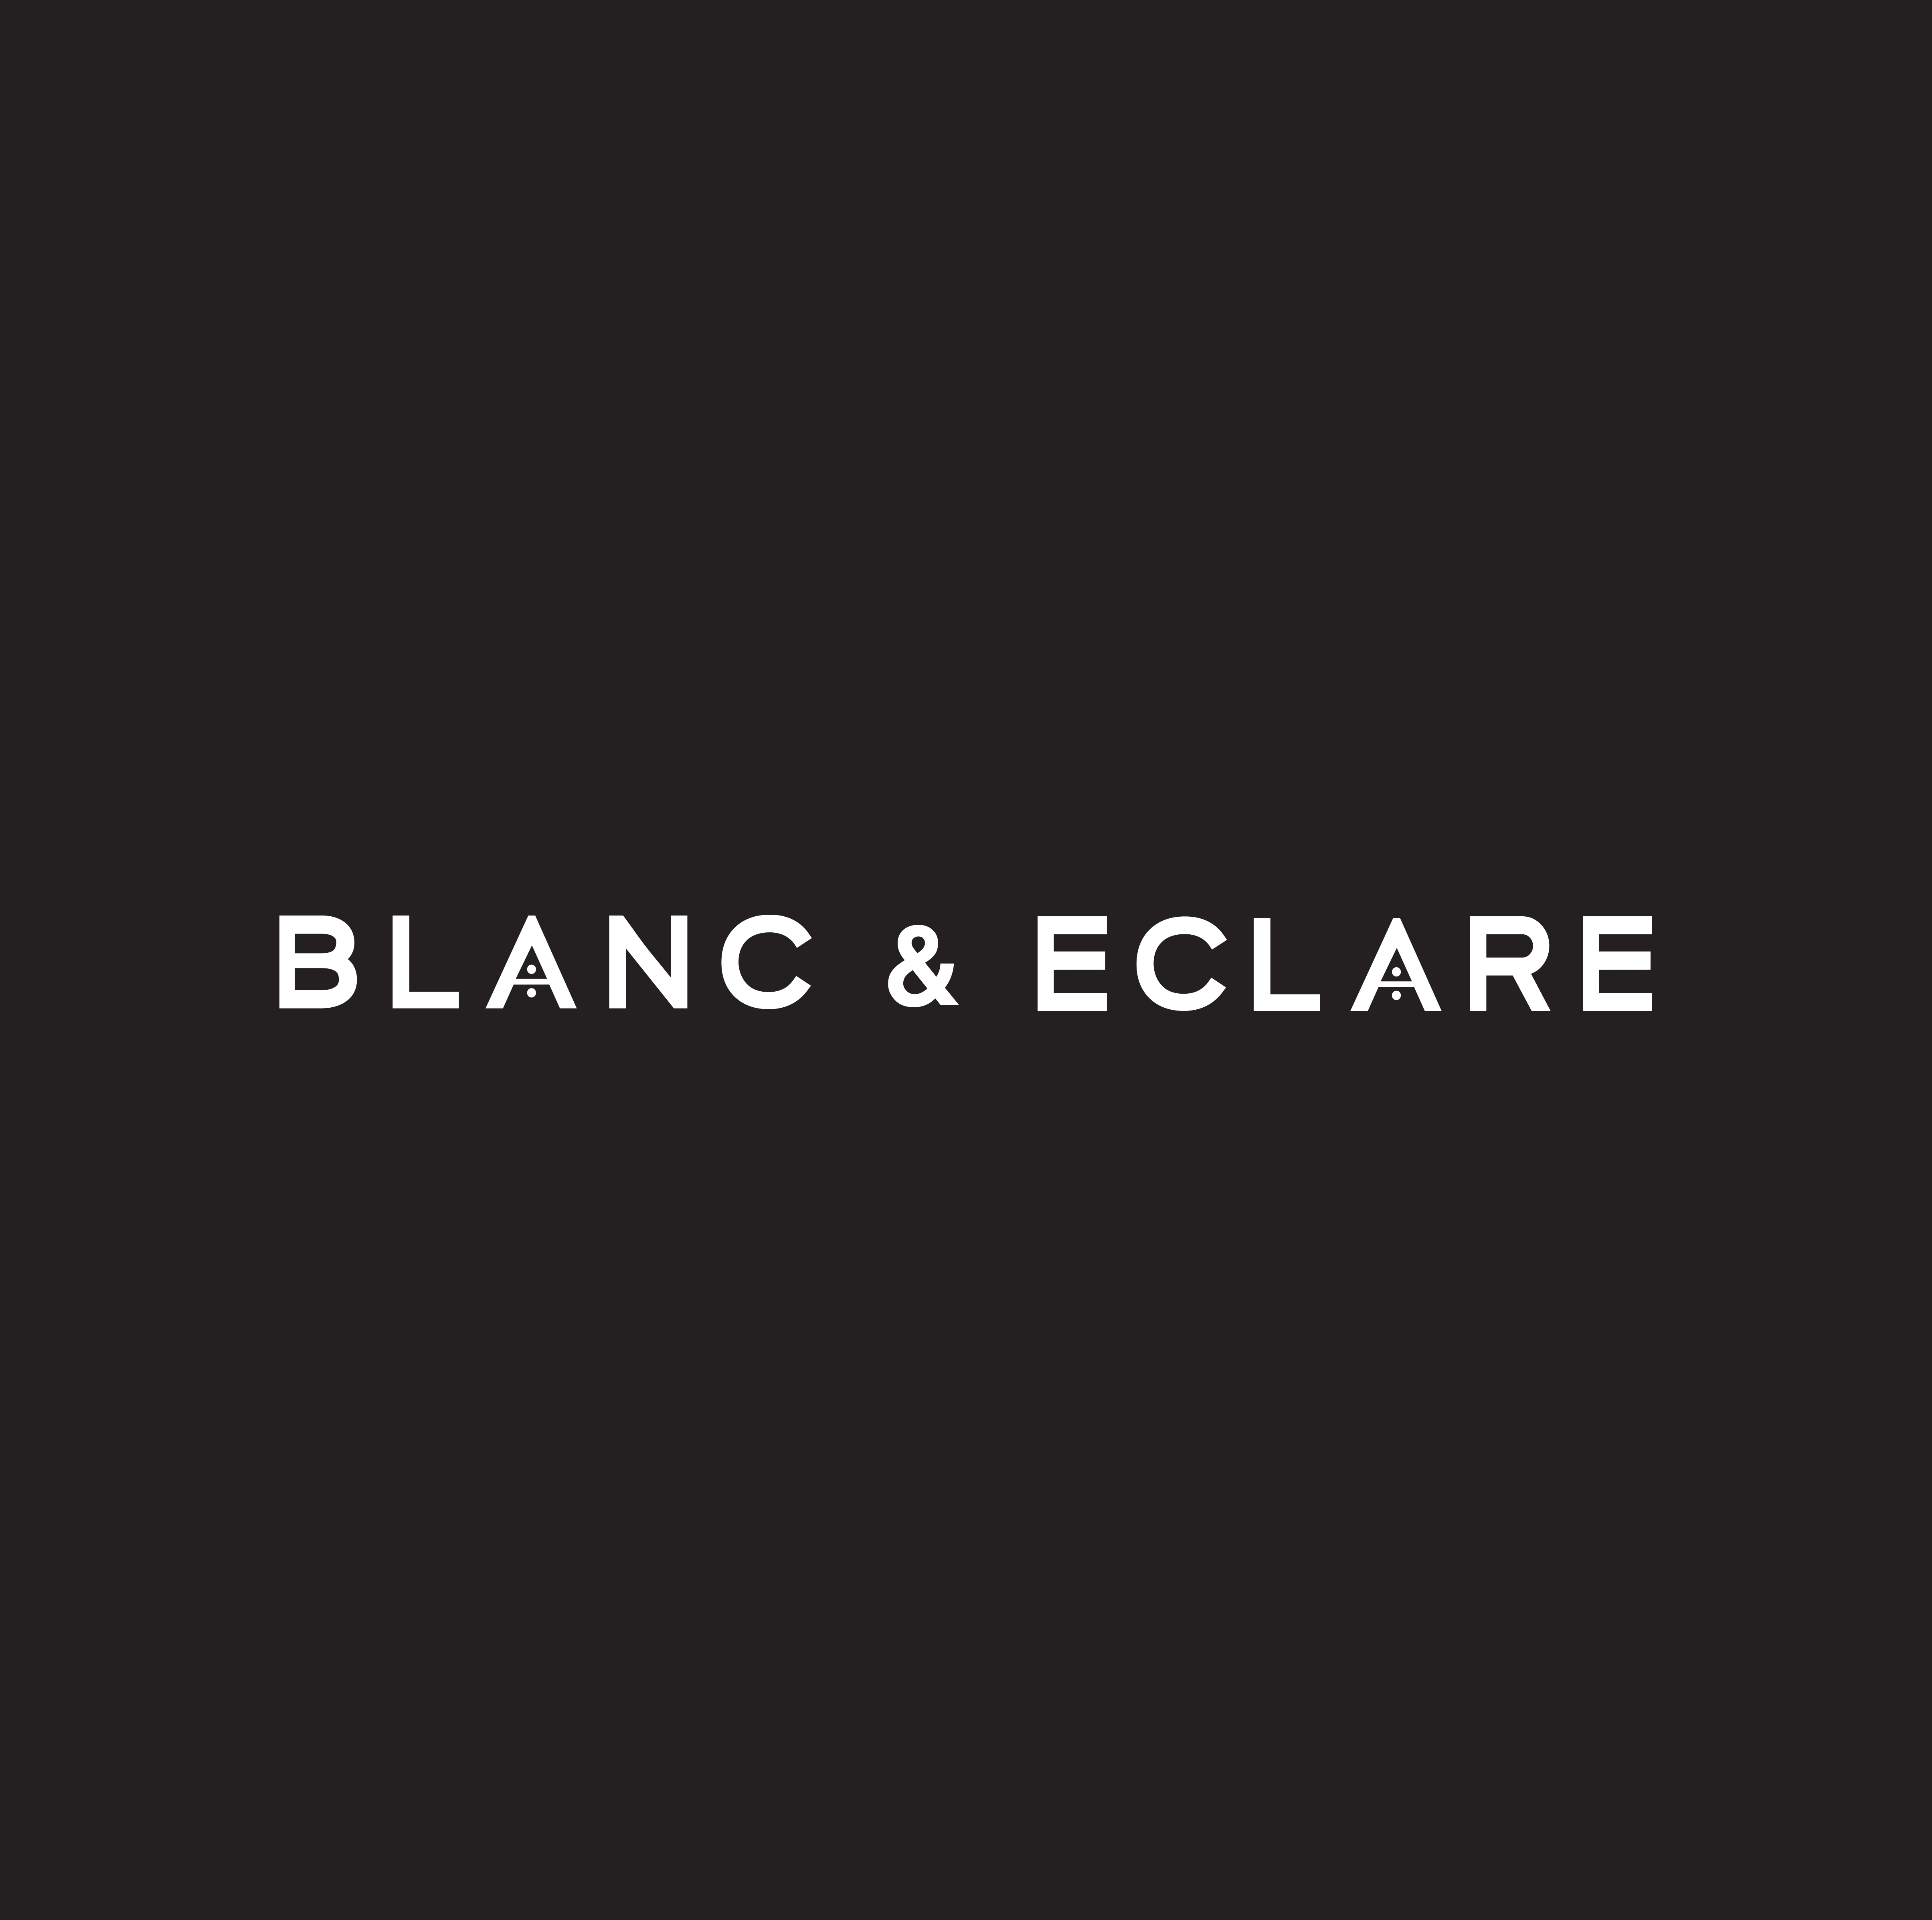 BLANC & ECLARE